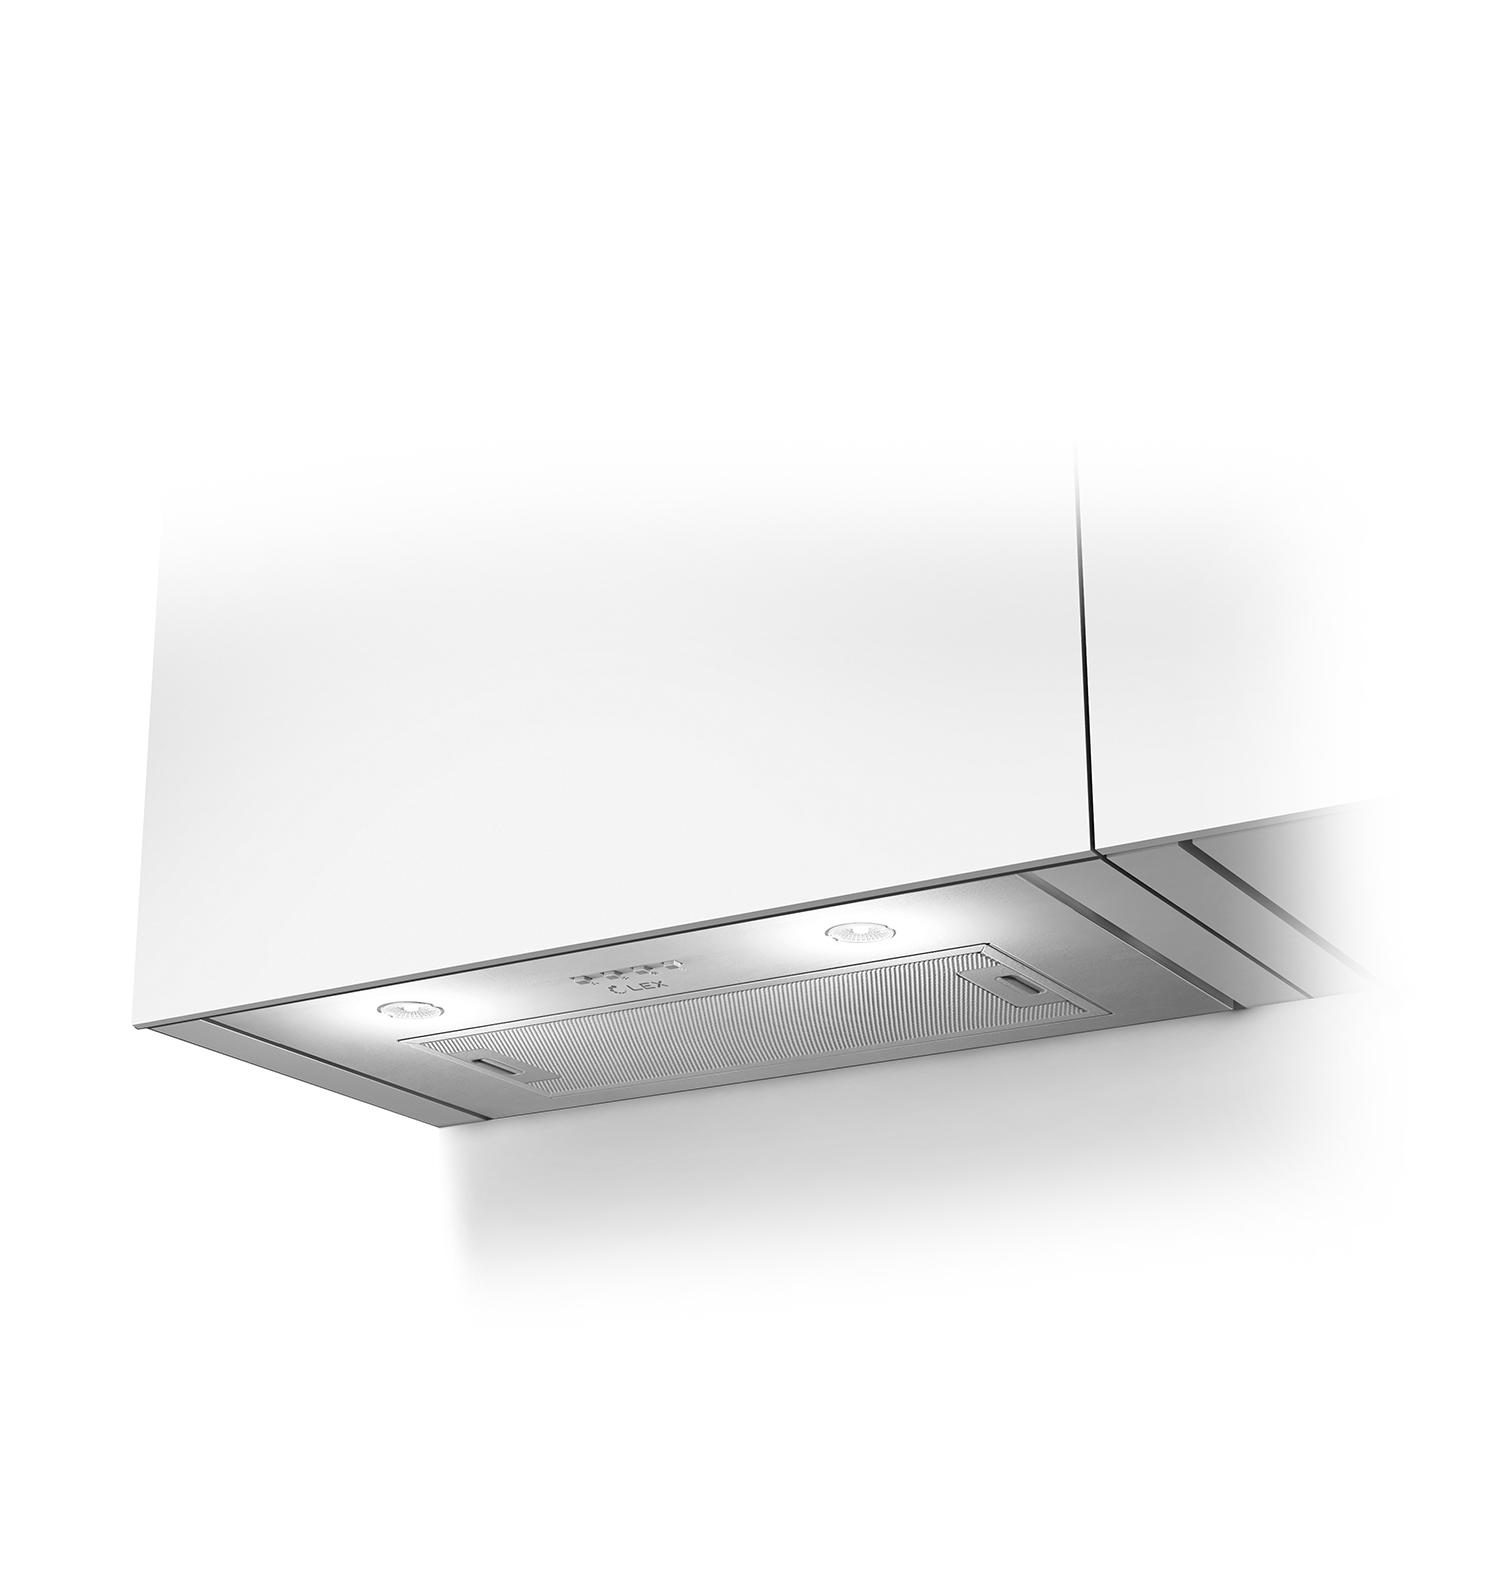 Встраиваемая вытяжка LEX GS BLOC 600 INOX купить в СПБ